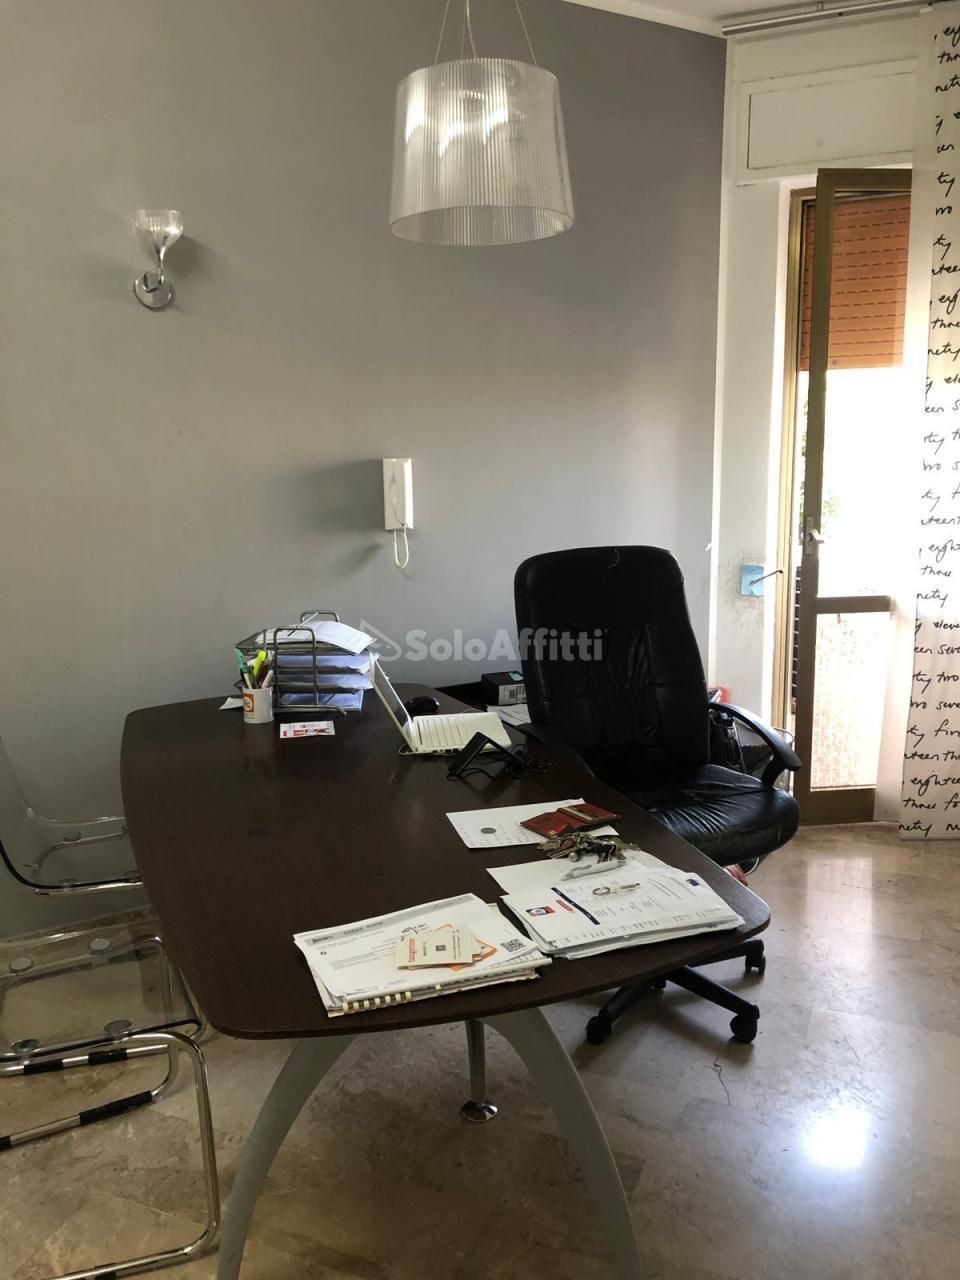 Ufficio - oltre 4 locali a Porta Nuova, Pescara Rif. 11178830